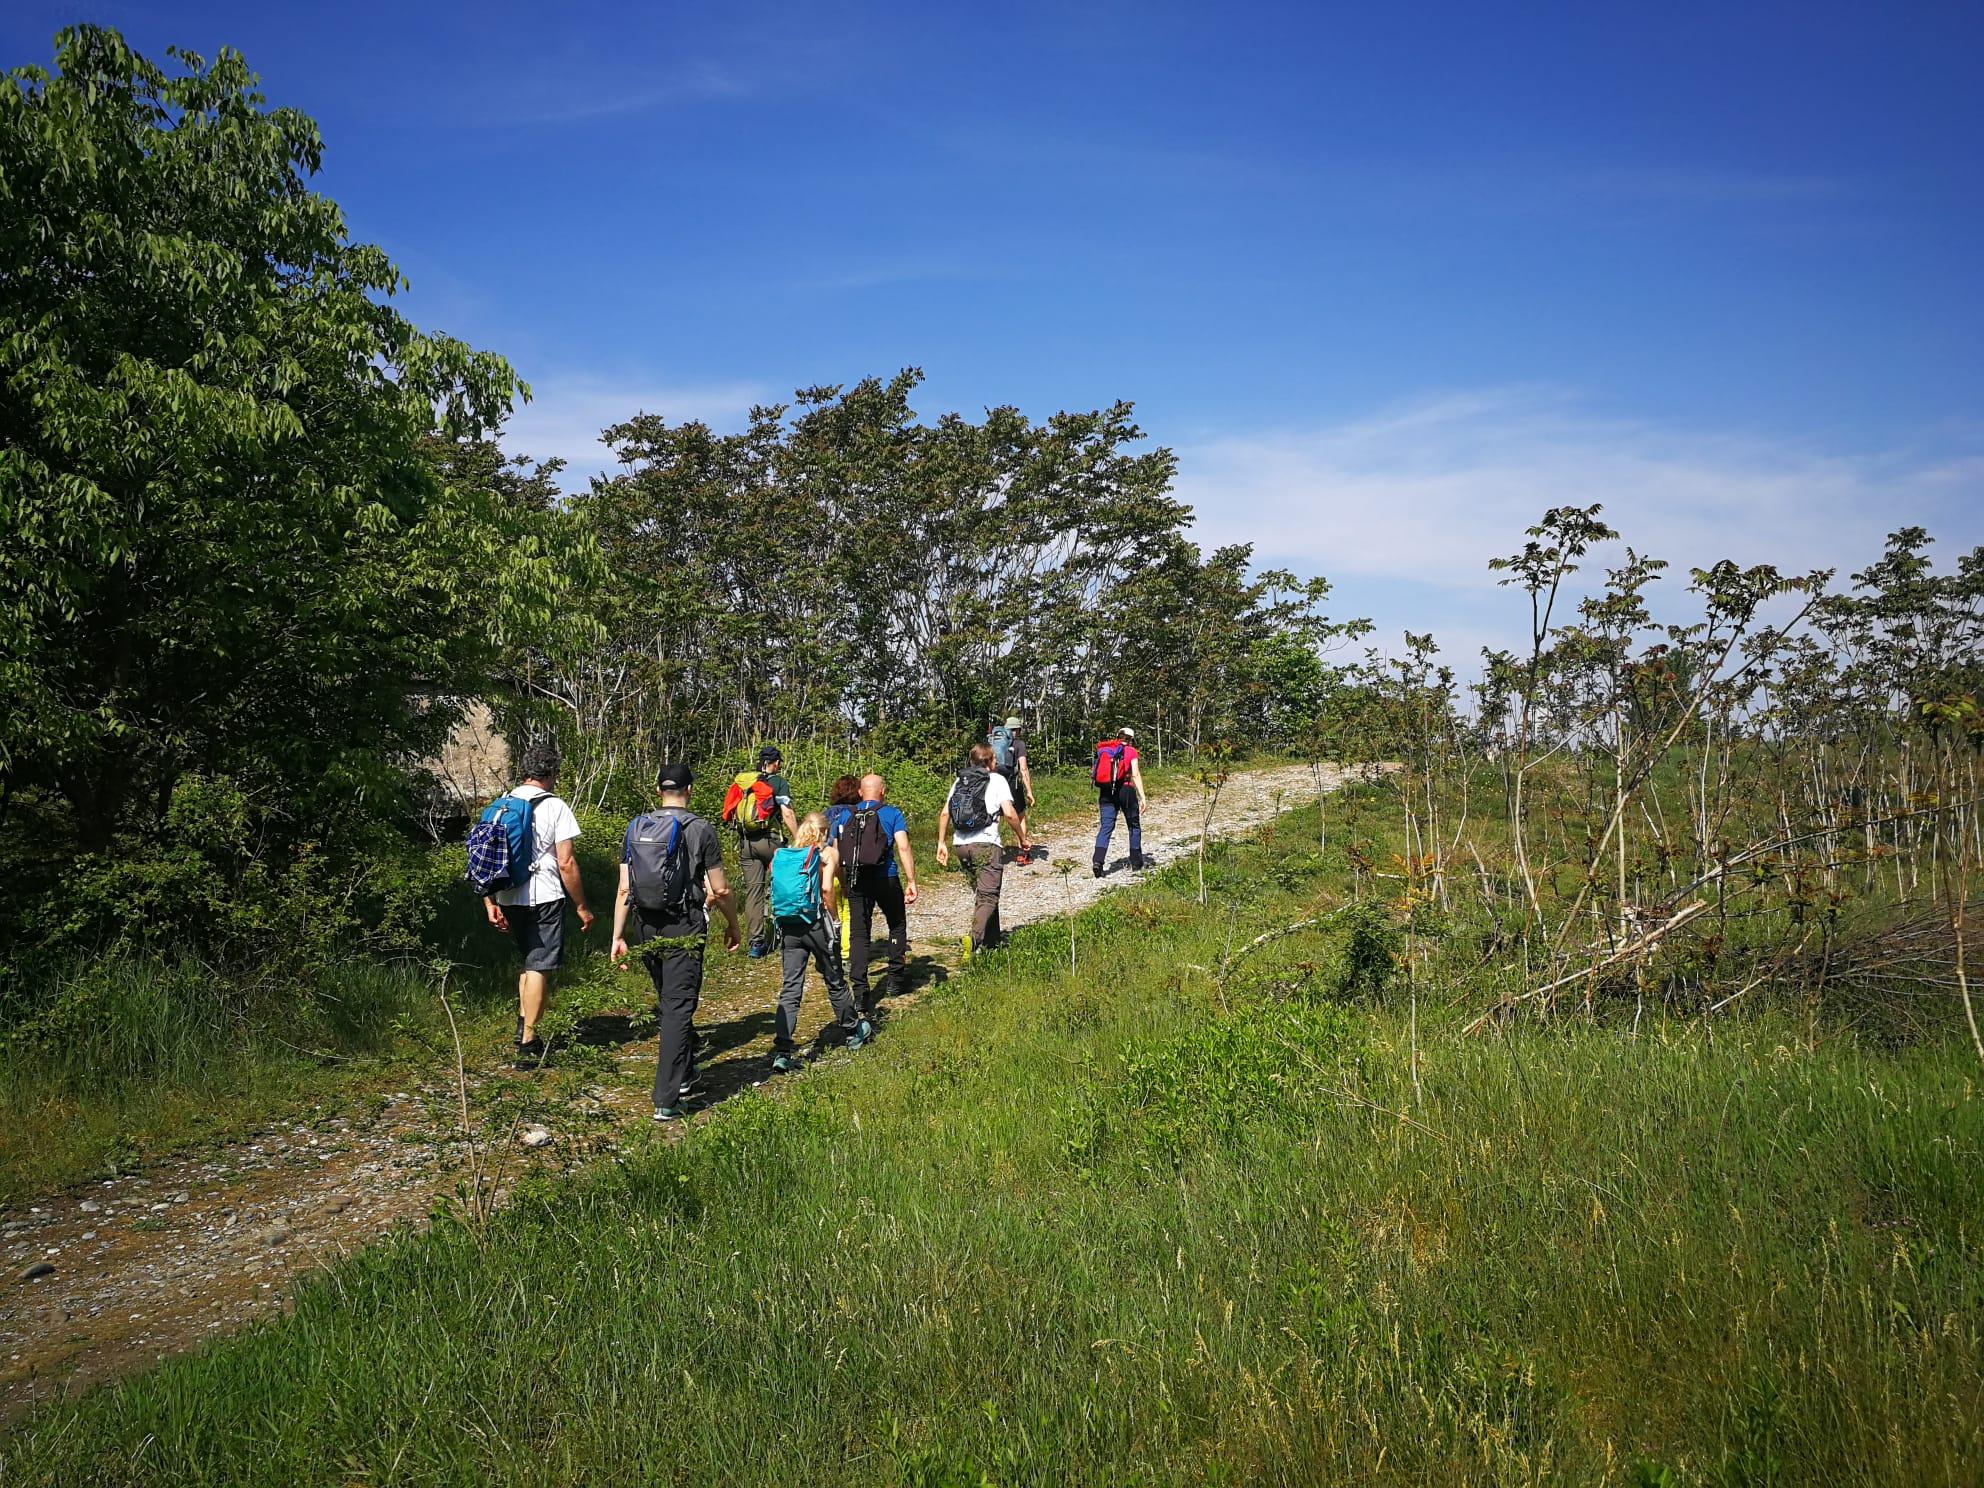 corso tecniche escursionistiche